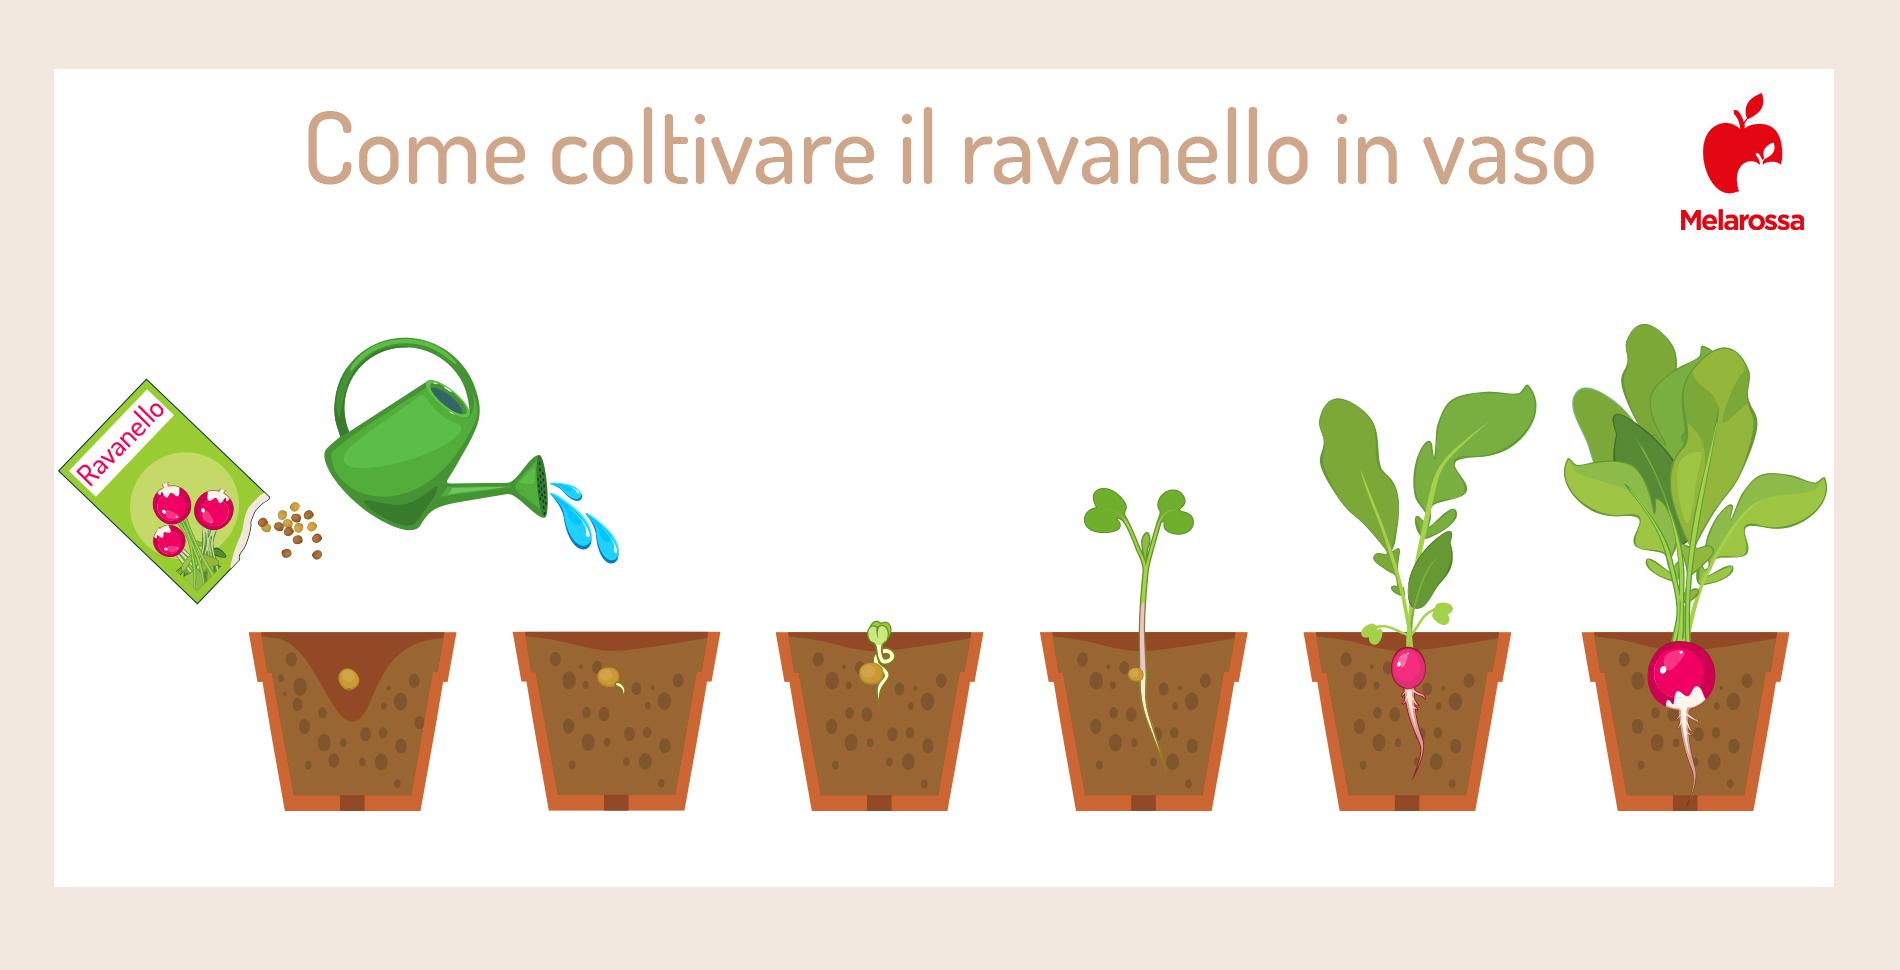 come coltivare il ravanello in vaso